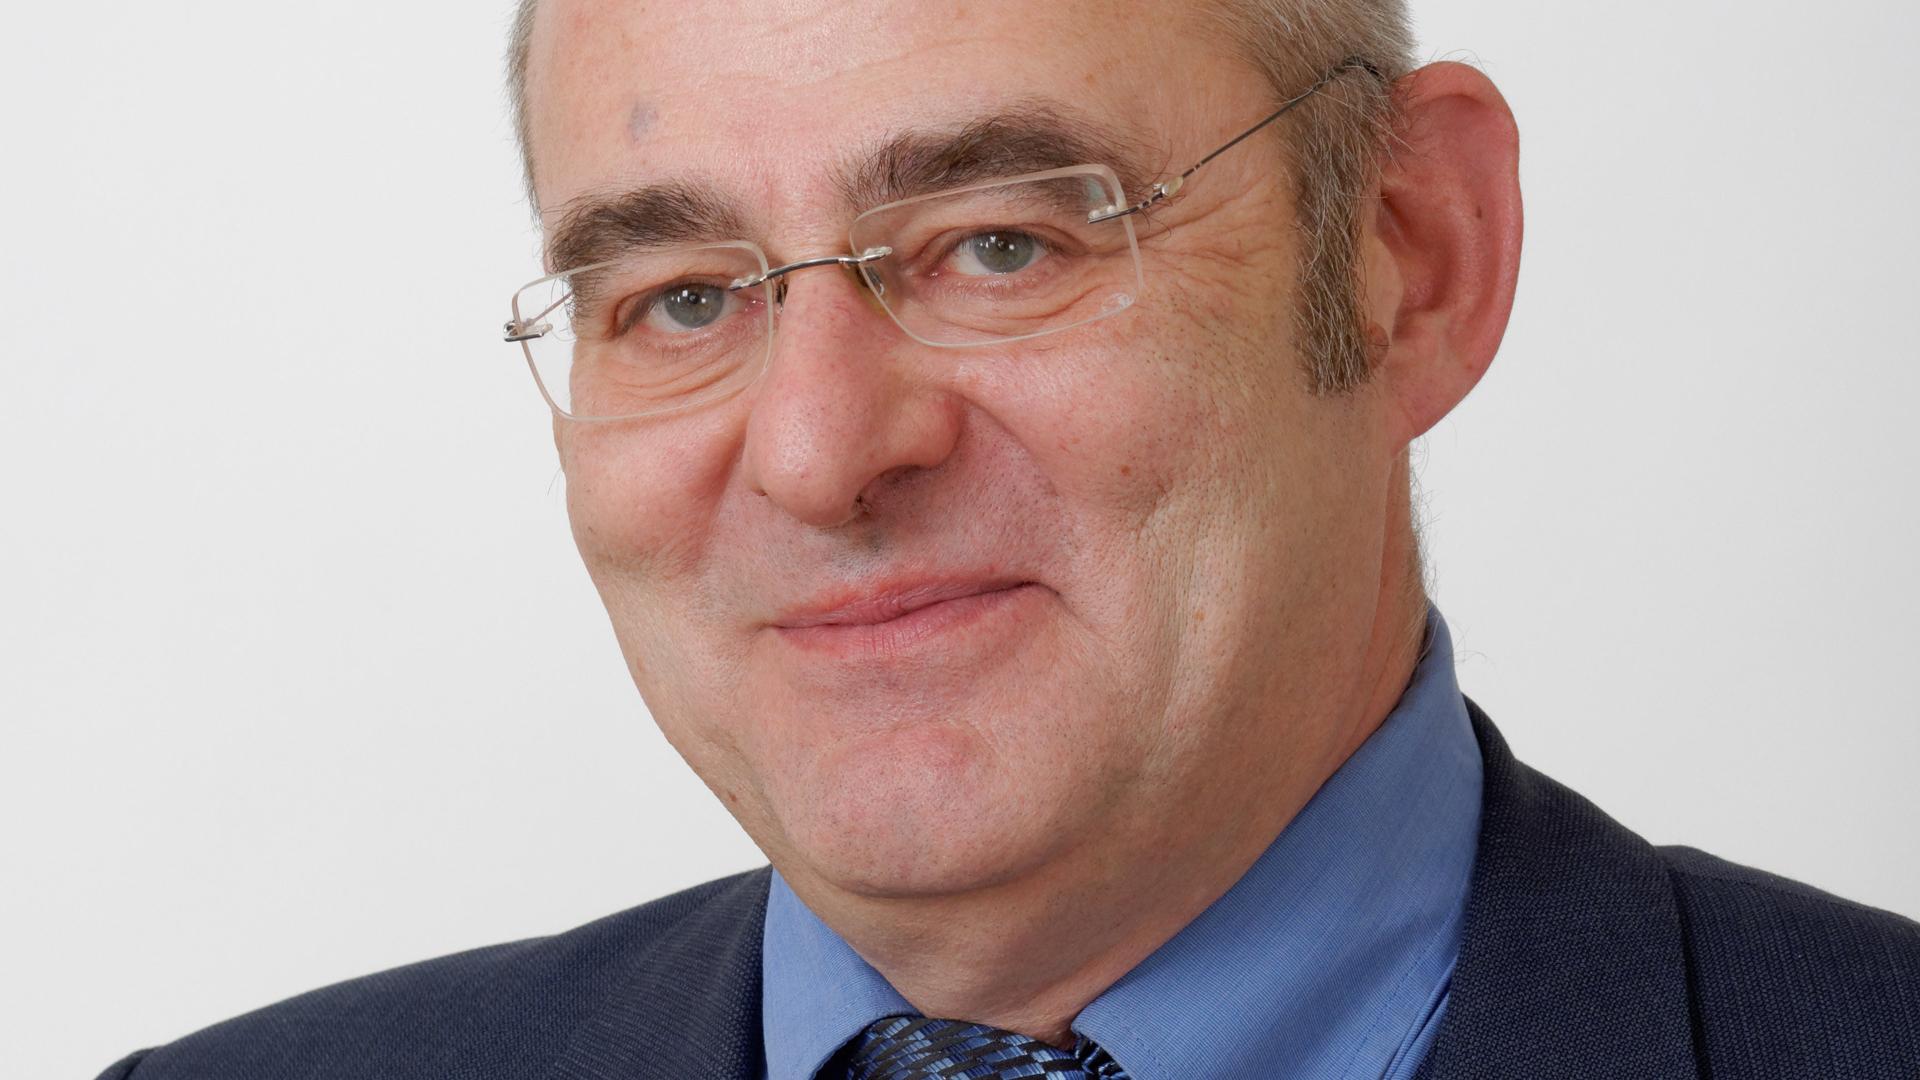 Ulrich Wilken ist Politiker der Partei Die Linke